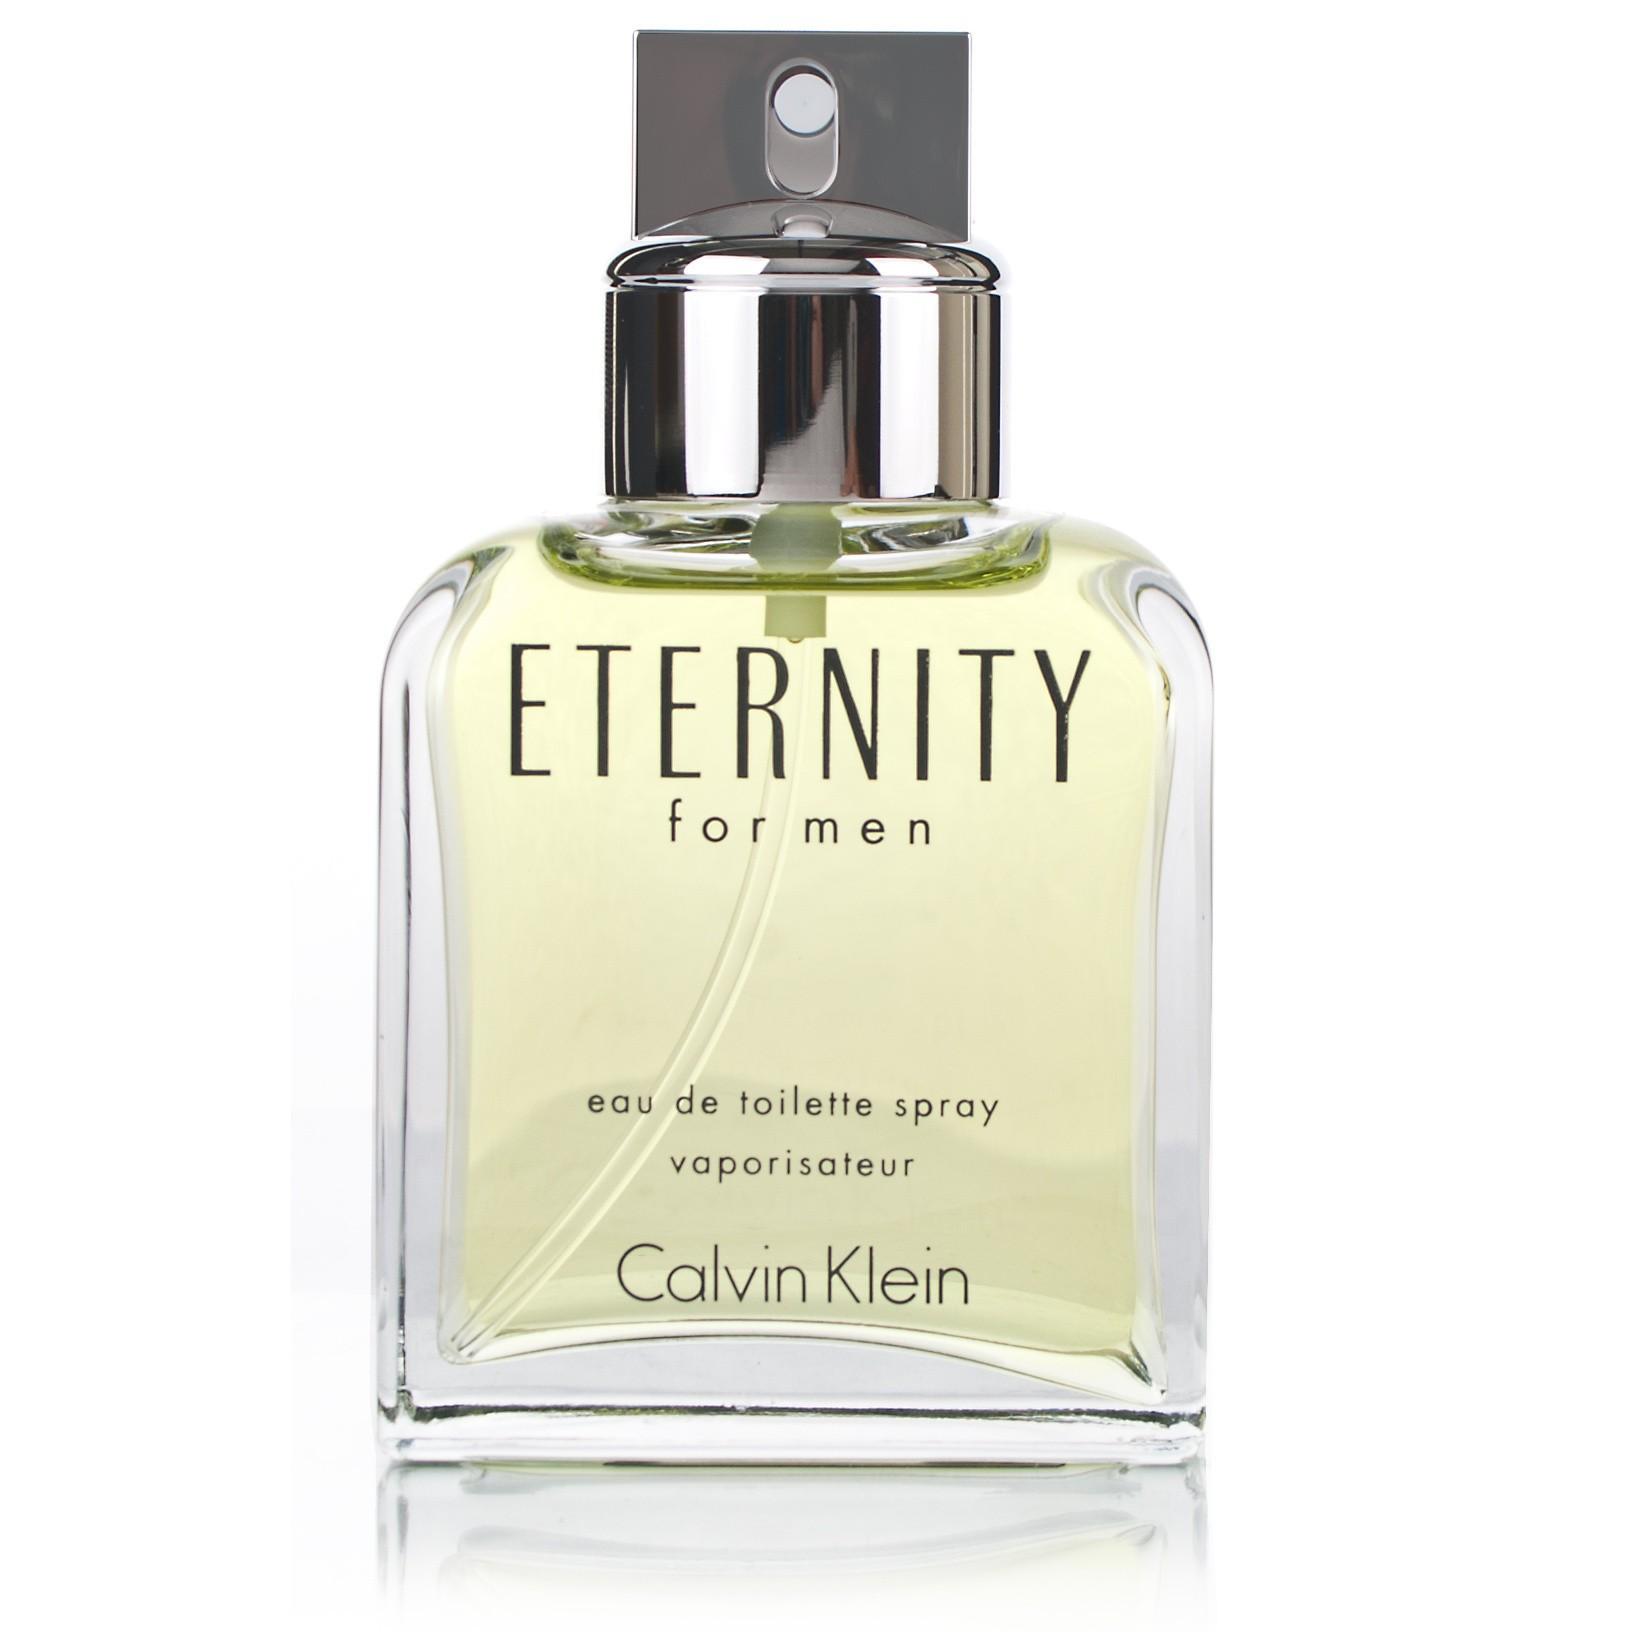 น้ำหอม CK Eternity For Men EDT ขนาด 100ml กล่องเทสเตอร์